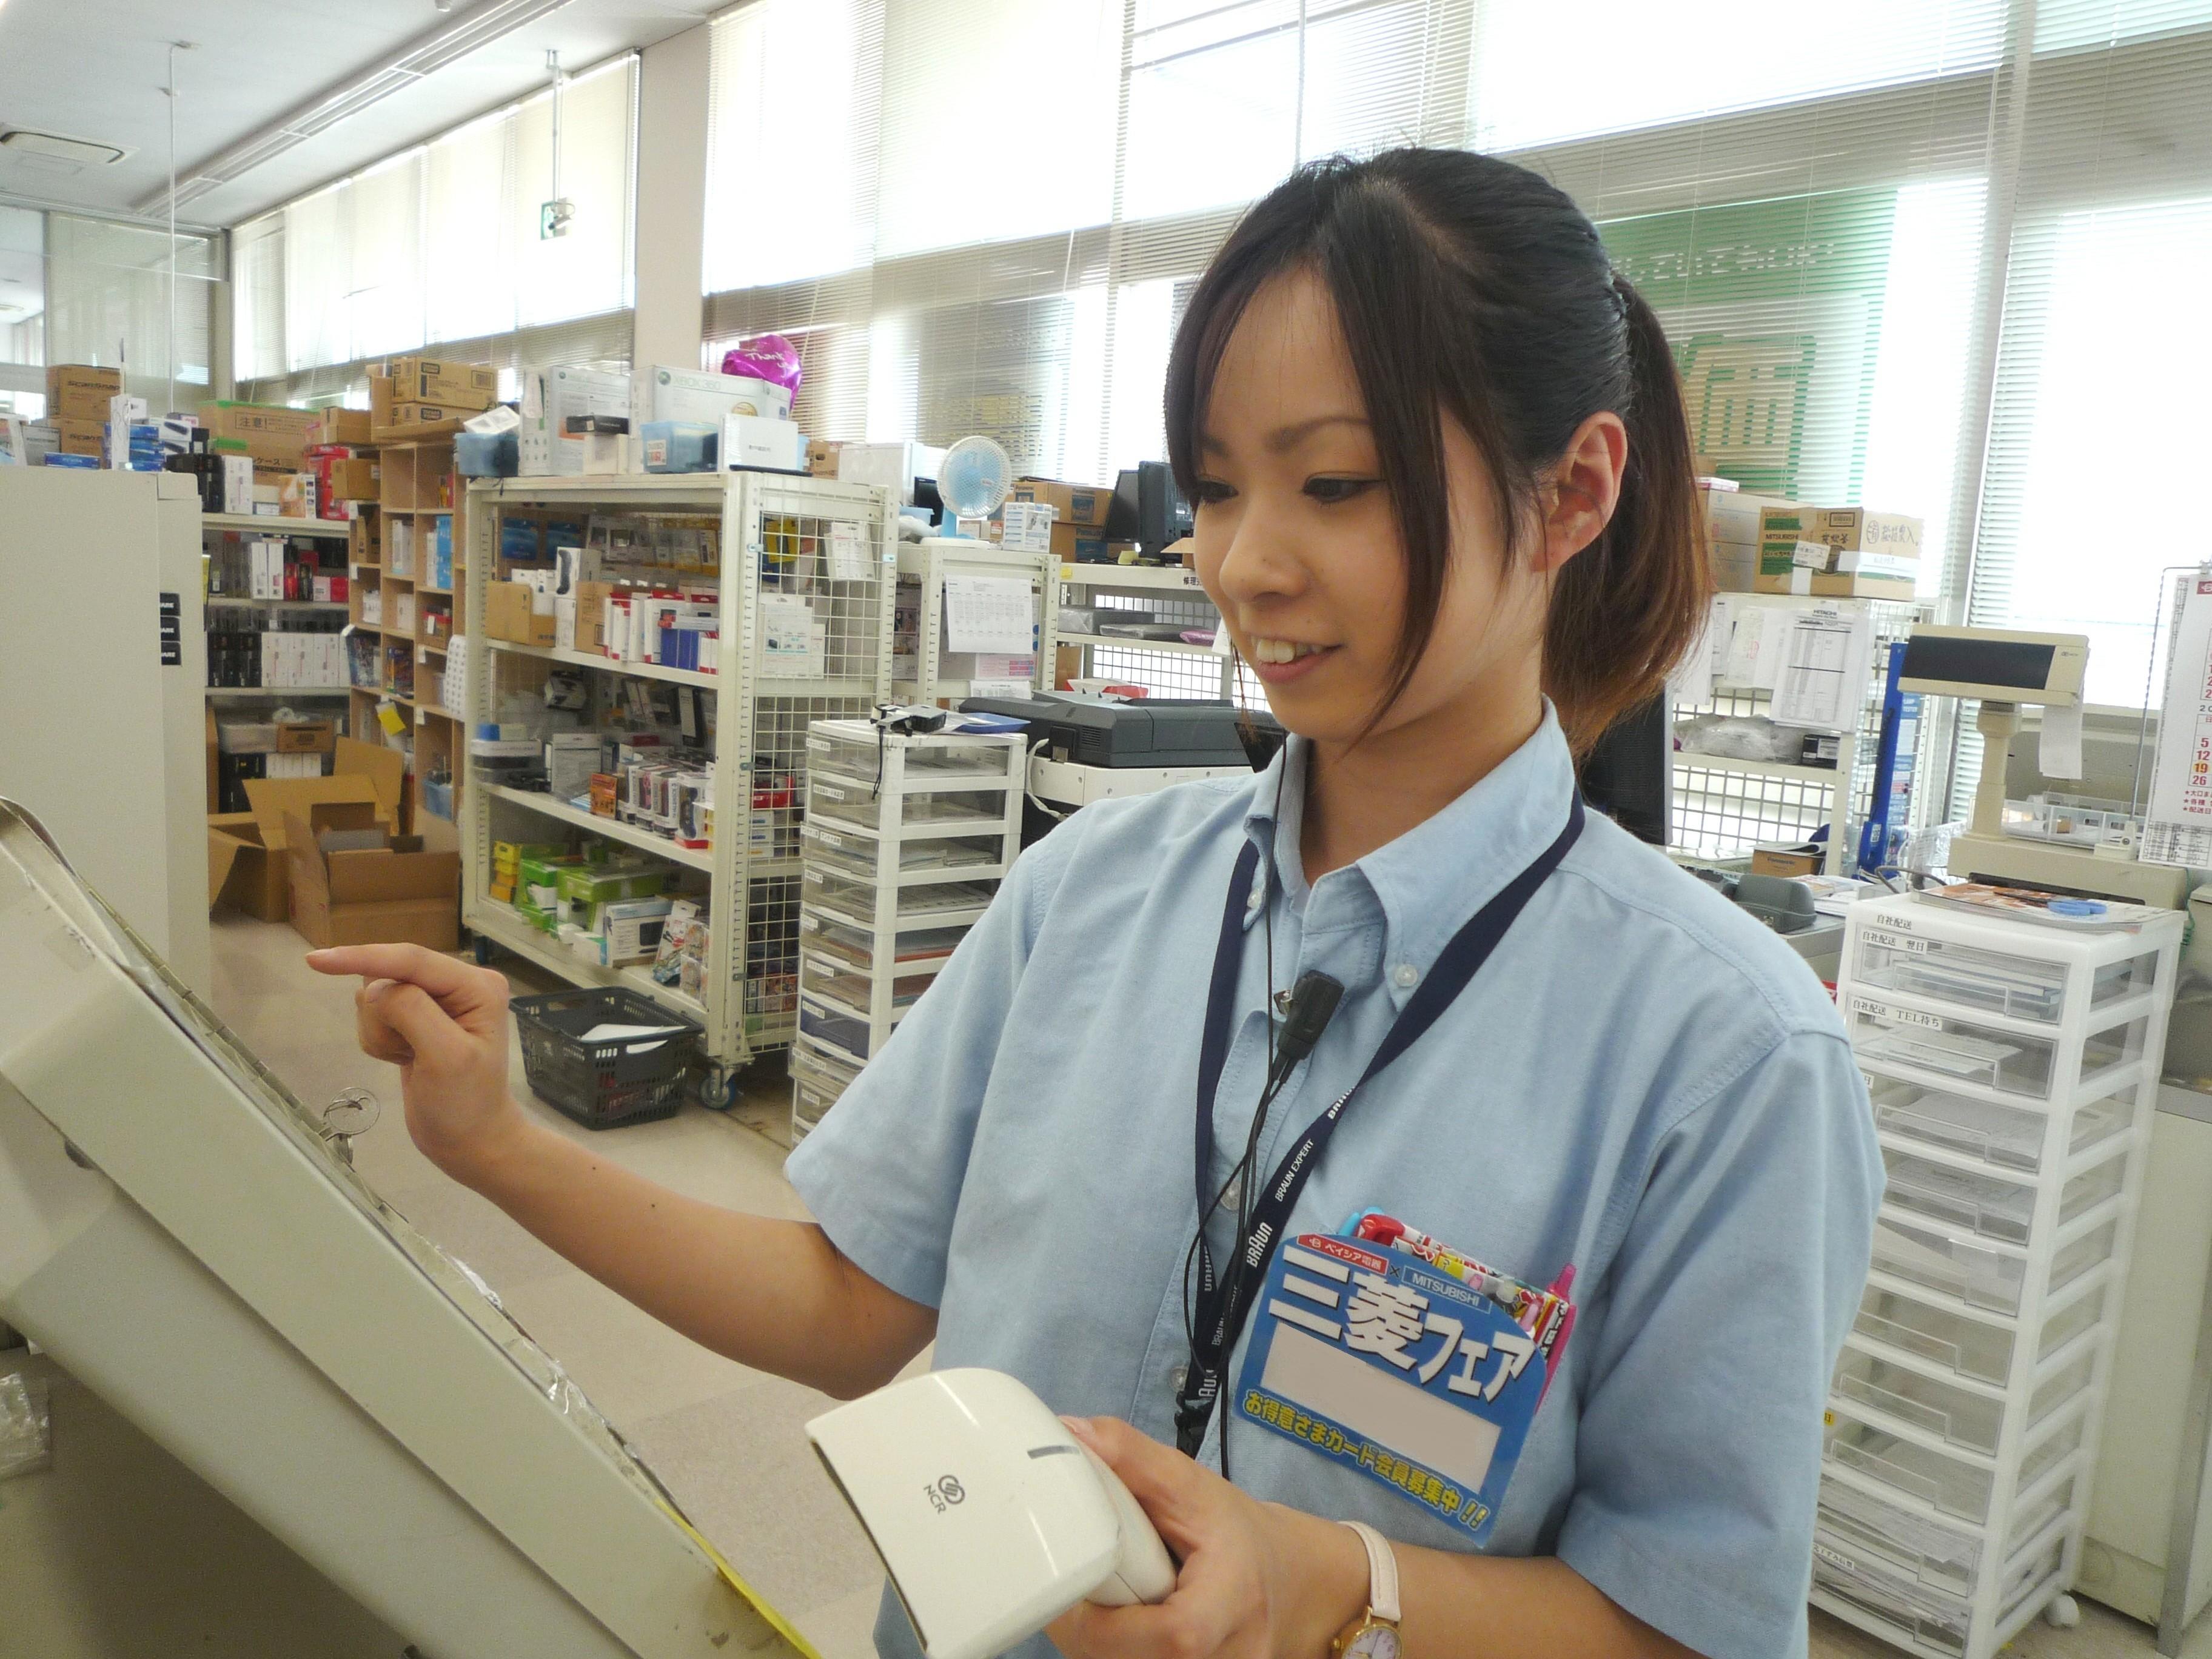 ベイシア電器 佐倉店 のアルバイト情報